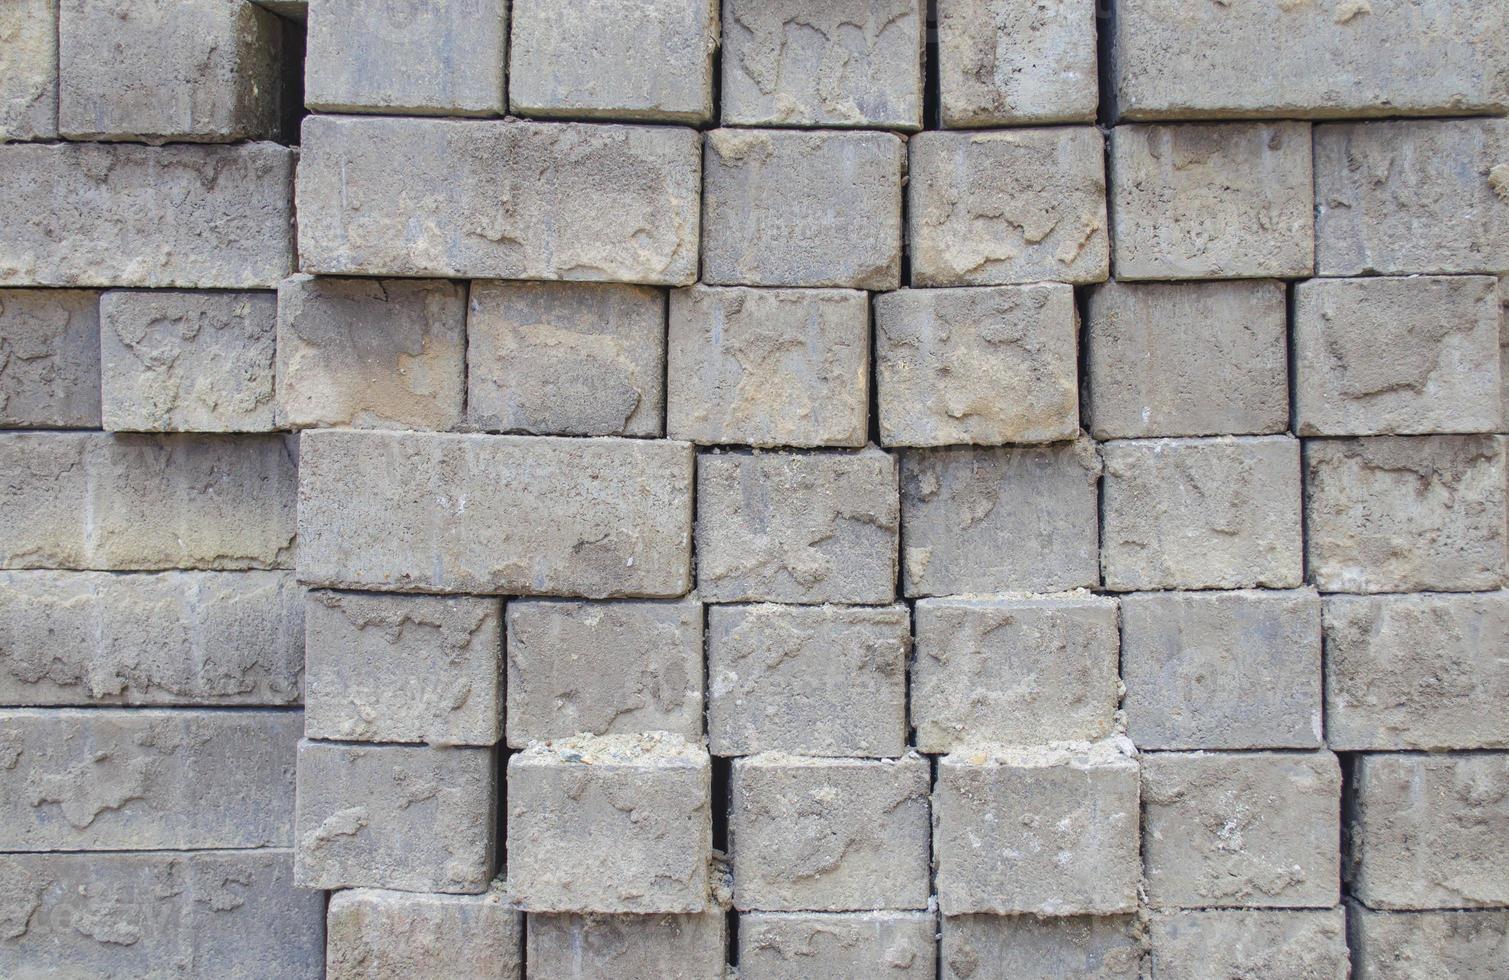 grijze stenen gestapeld in rijen foto